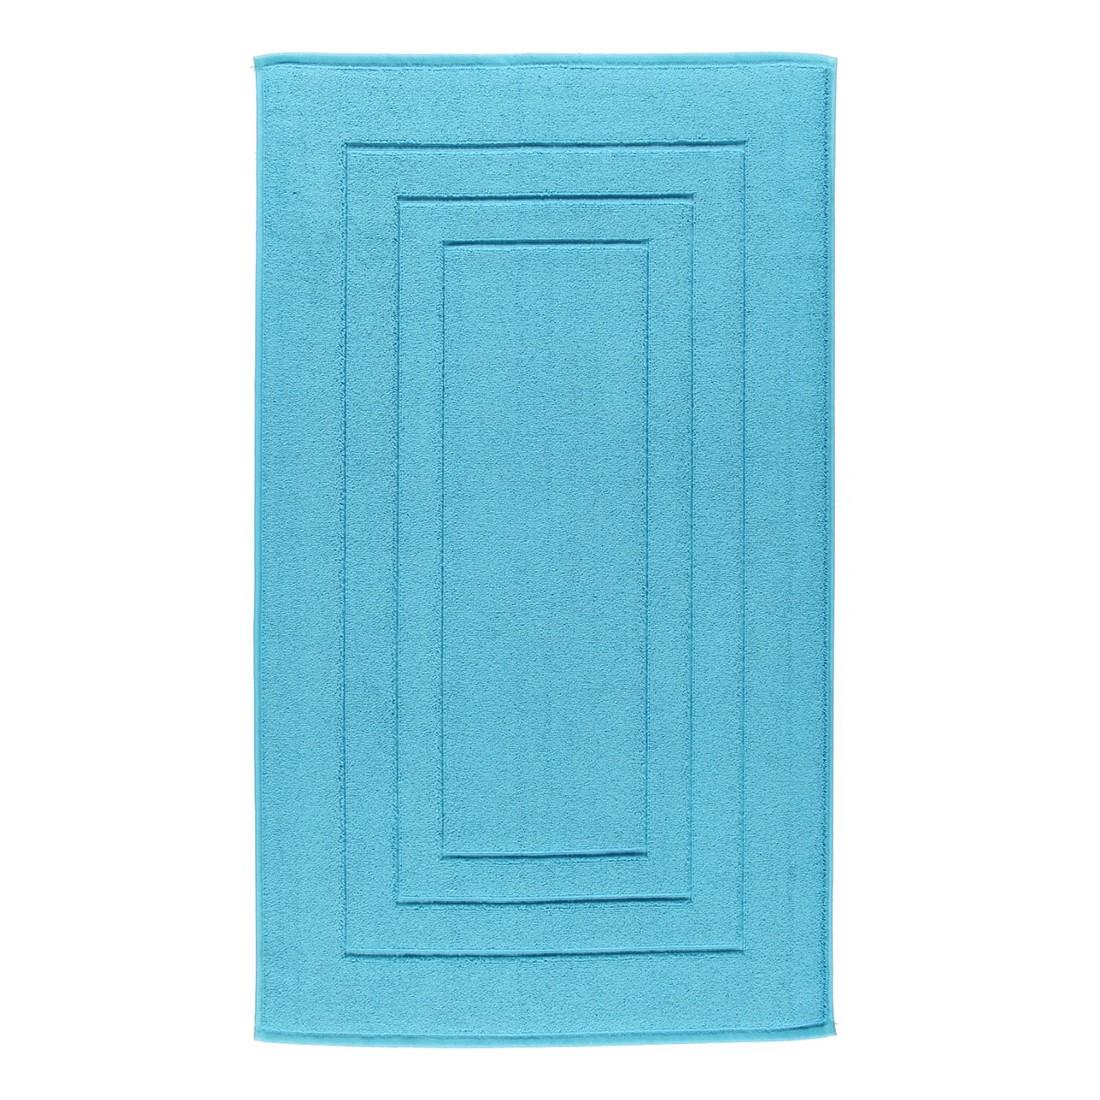 Badteppich Calypso Feeling – 100% Baumwolle turquoise – 557 – 60 x 60 cm, Vossen günstig bestellen